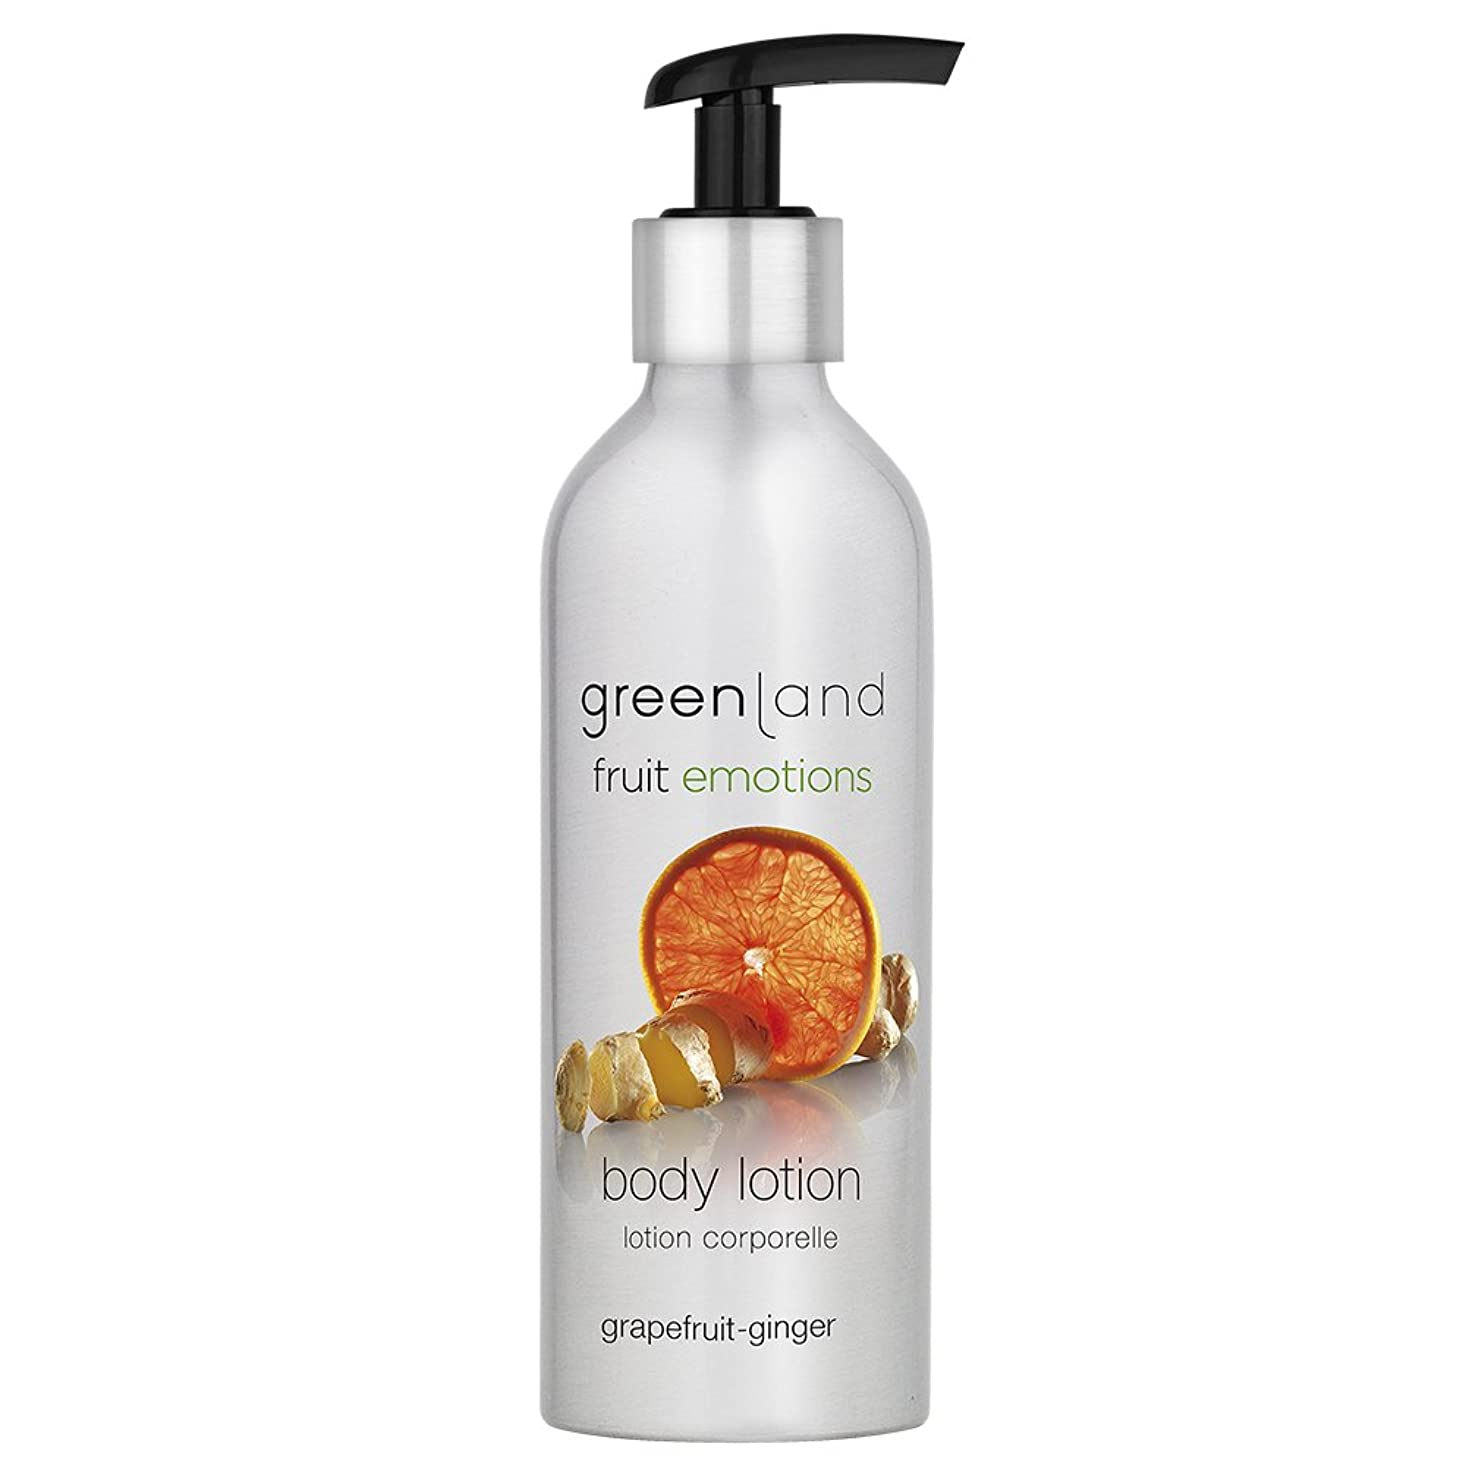 下線焼く血統greenland [FruitEmotions] ボディローション 200ml グレープフルーツ&ジンジャー FE0185